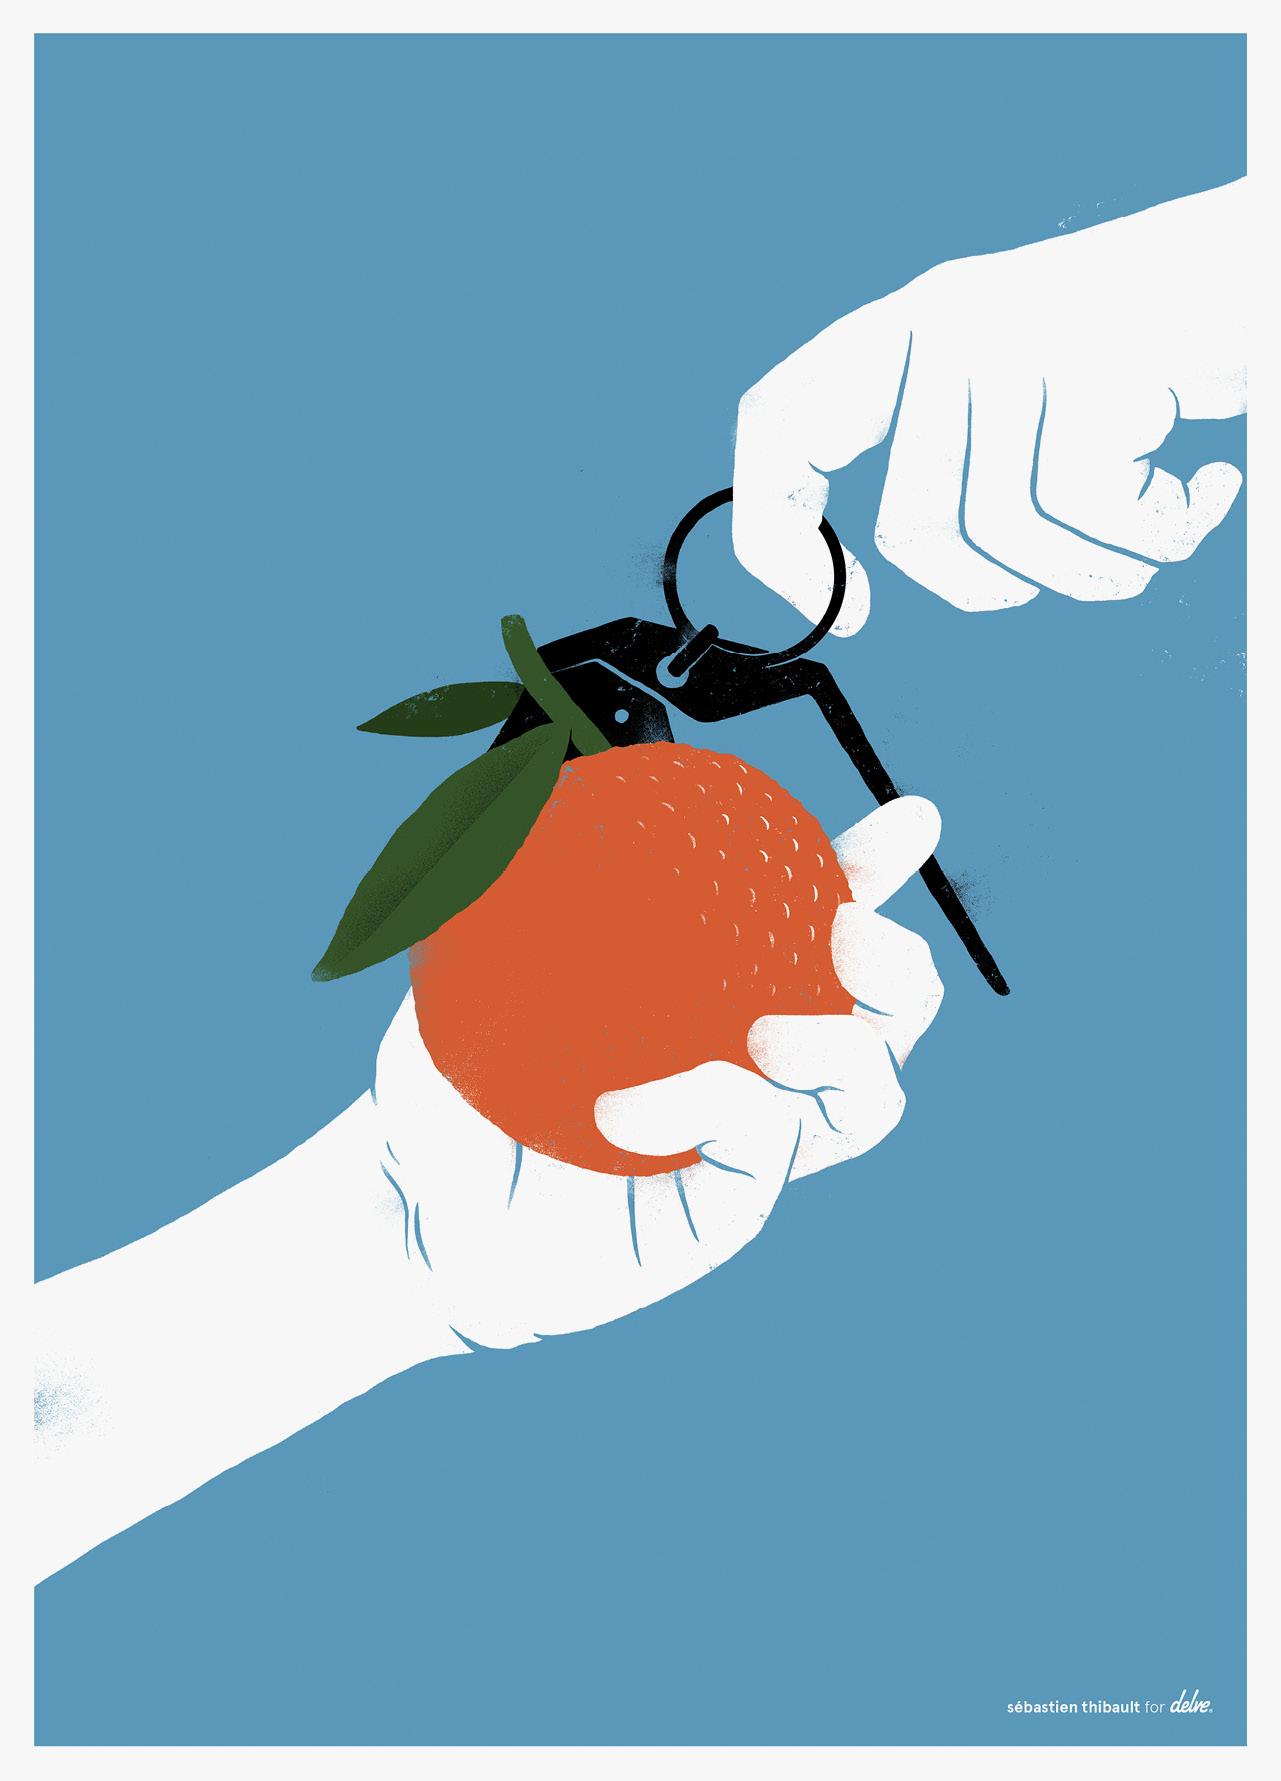 Tangerines by Sébastien Thibault